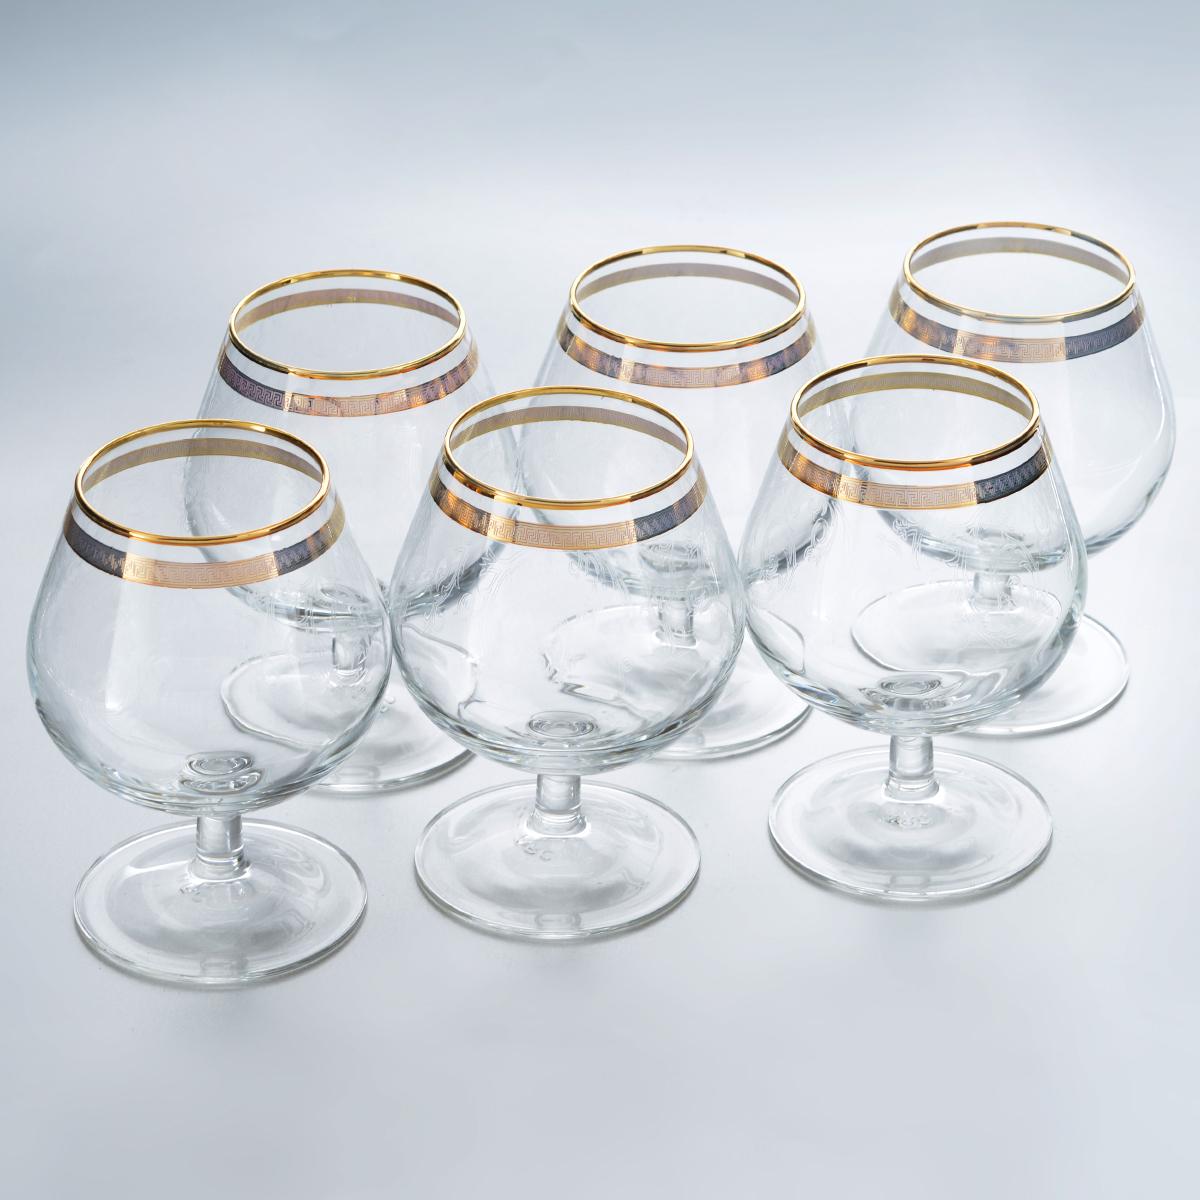 Набор бокалов для бренди Гусь-Хрустальный Каскад, 250 мл, 6 штTL40-1740Набор Гусь-Хрустальный Каскад состоит из 6 бокалов на низкой тонкой ножке, изготовленных из высококачественного натрий-кальций-силикатного стекла. Изделия оформлены красивым зеркальным покрытием, окантовкой с оригинальным узором и прозрачным орнаментом. Бокалы предназначены для подачи бренди. Такой набор прекрасно дополнит праздничный стол и станет желанным подарком в любом доме. Разрешается мыть в посудомоечной машине. Диаметр бокала (по верхнему краю): 5,5 см. Высота бокала: 11 см. Диаметр основания бокала: 6,5 см.